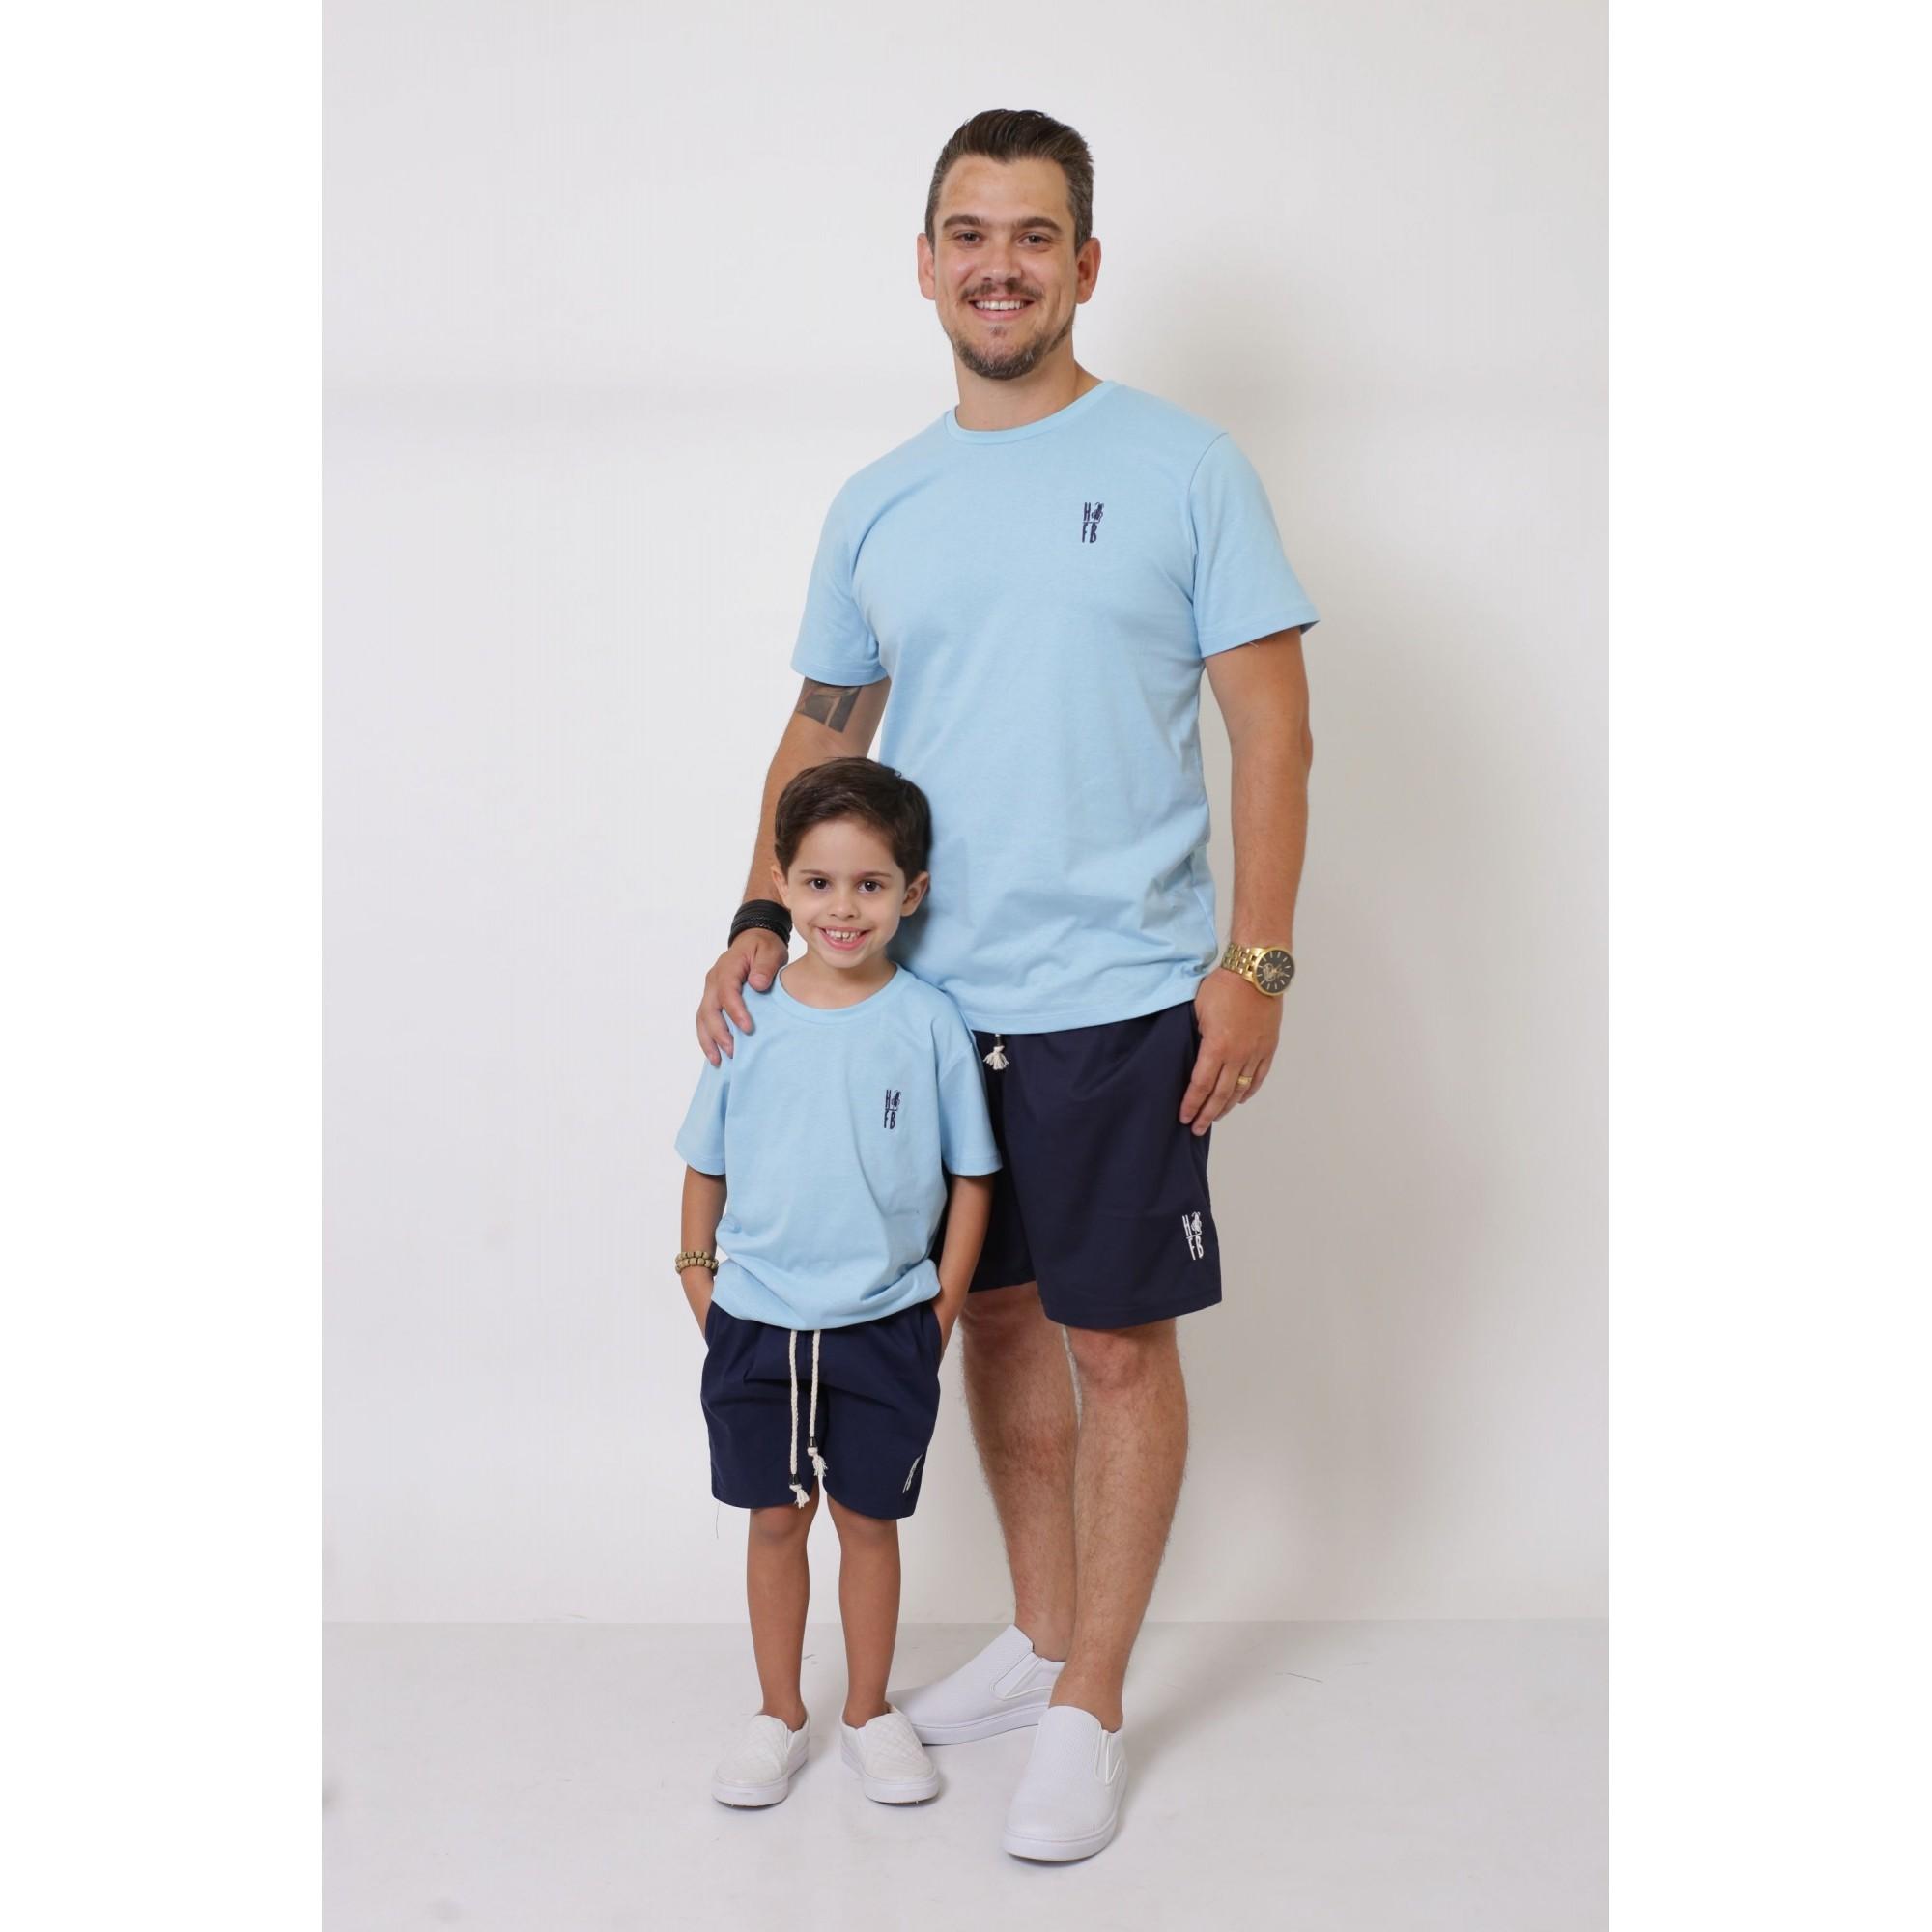 PAIS E FILHOS > Kit 3 Peças T-Shirt - Azul Bebê [Coleção Família]  - Heitor Fashion Brazil